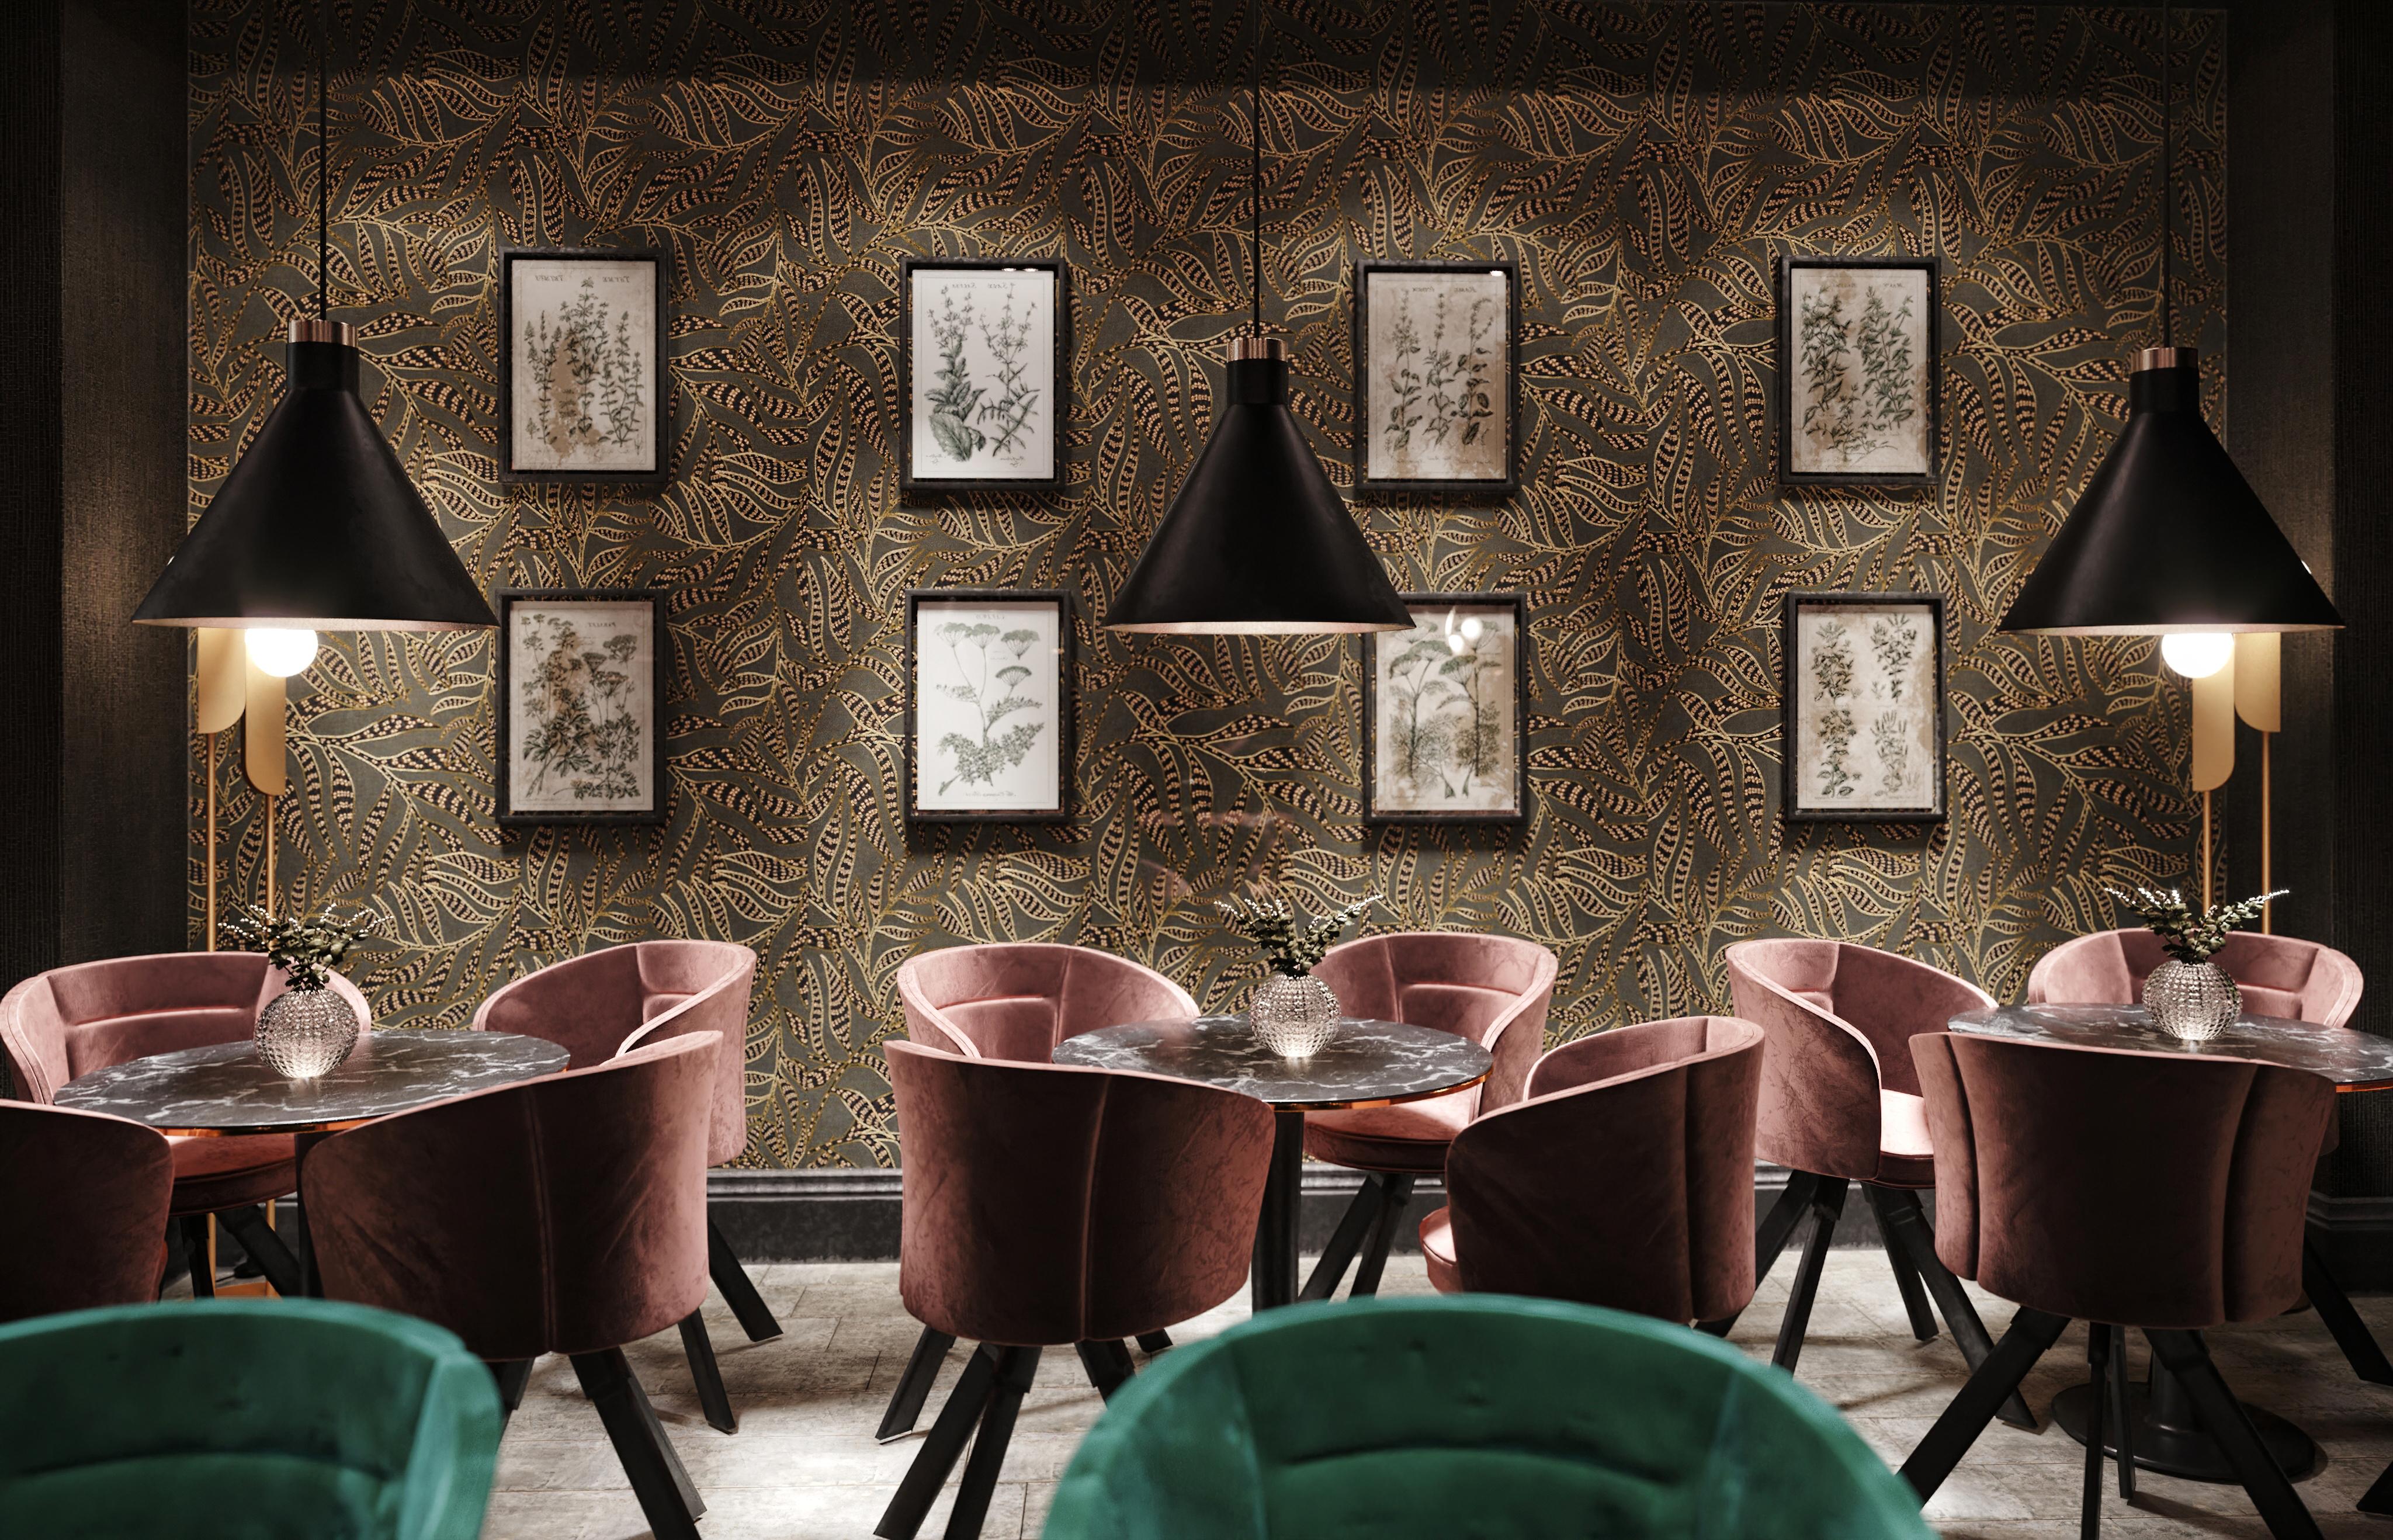 ექსკლუზიური დიზაინის კაფე-რესტორანი ქიაჩელზე